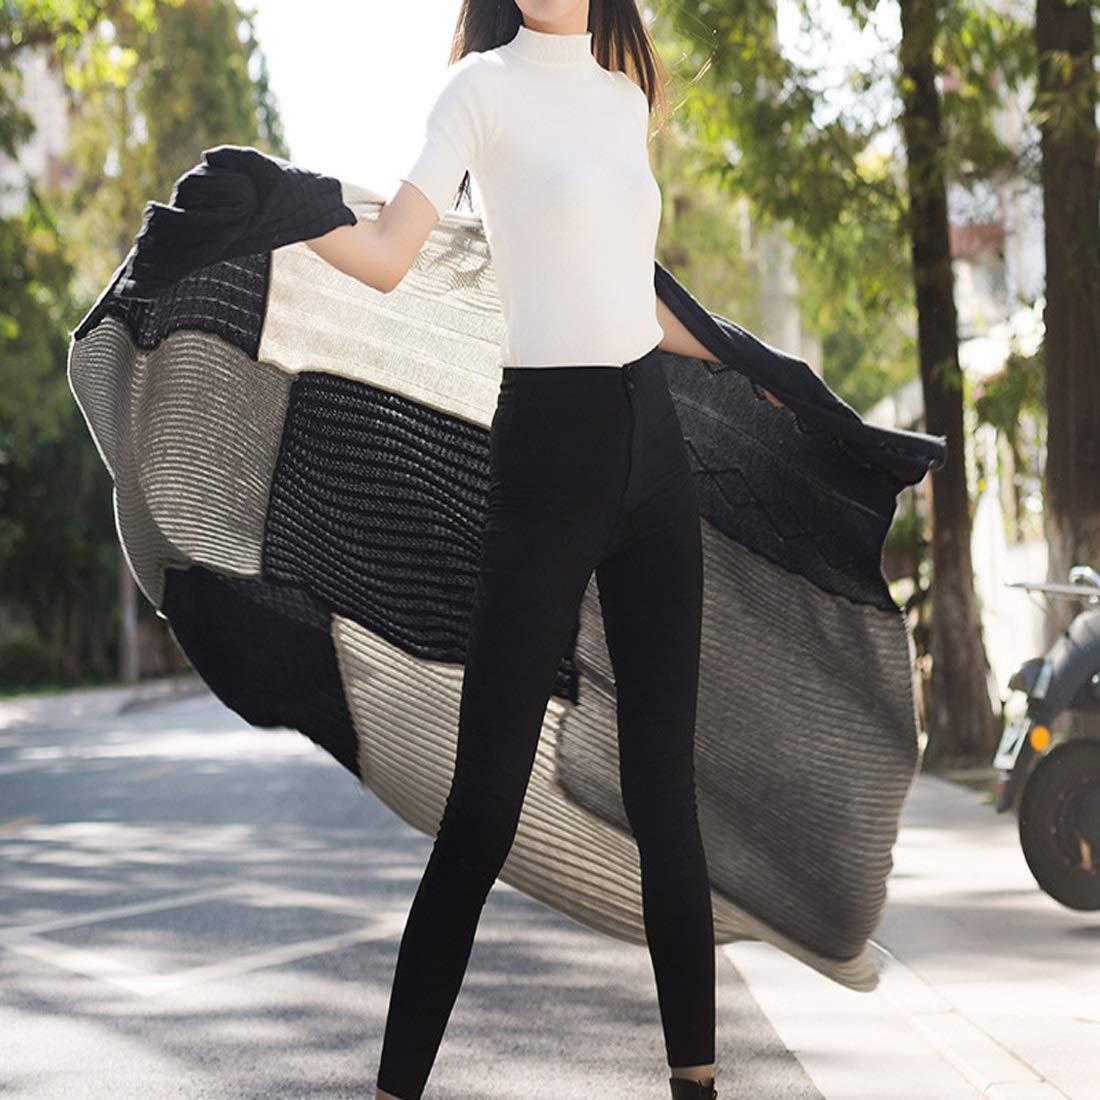 JOYS CLOTHING 総本店の喫茶店のために適した毛布のショールの創造的なステッチの毛布 (Color : ブラック) B07MKV9194 ブラック